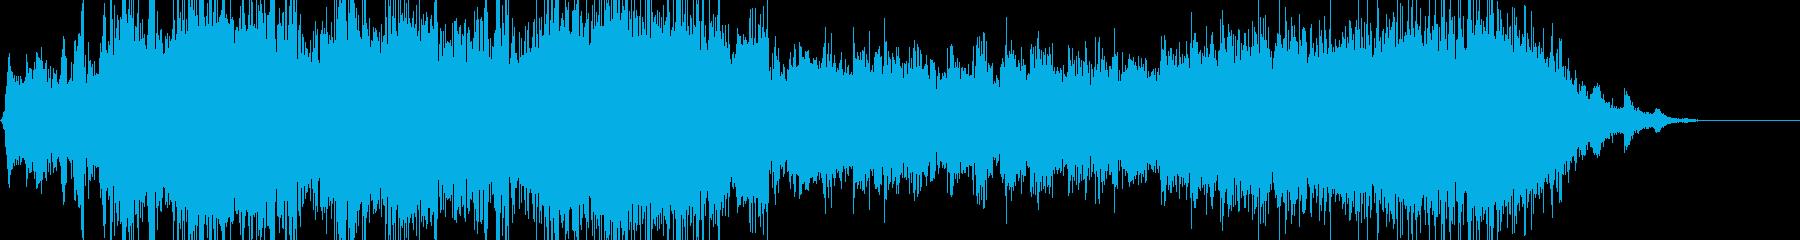 両左右の電車が行き交う音(自然音)の再生済みの波形